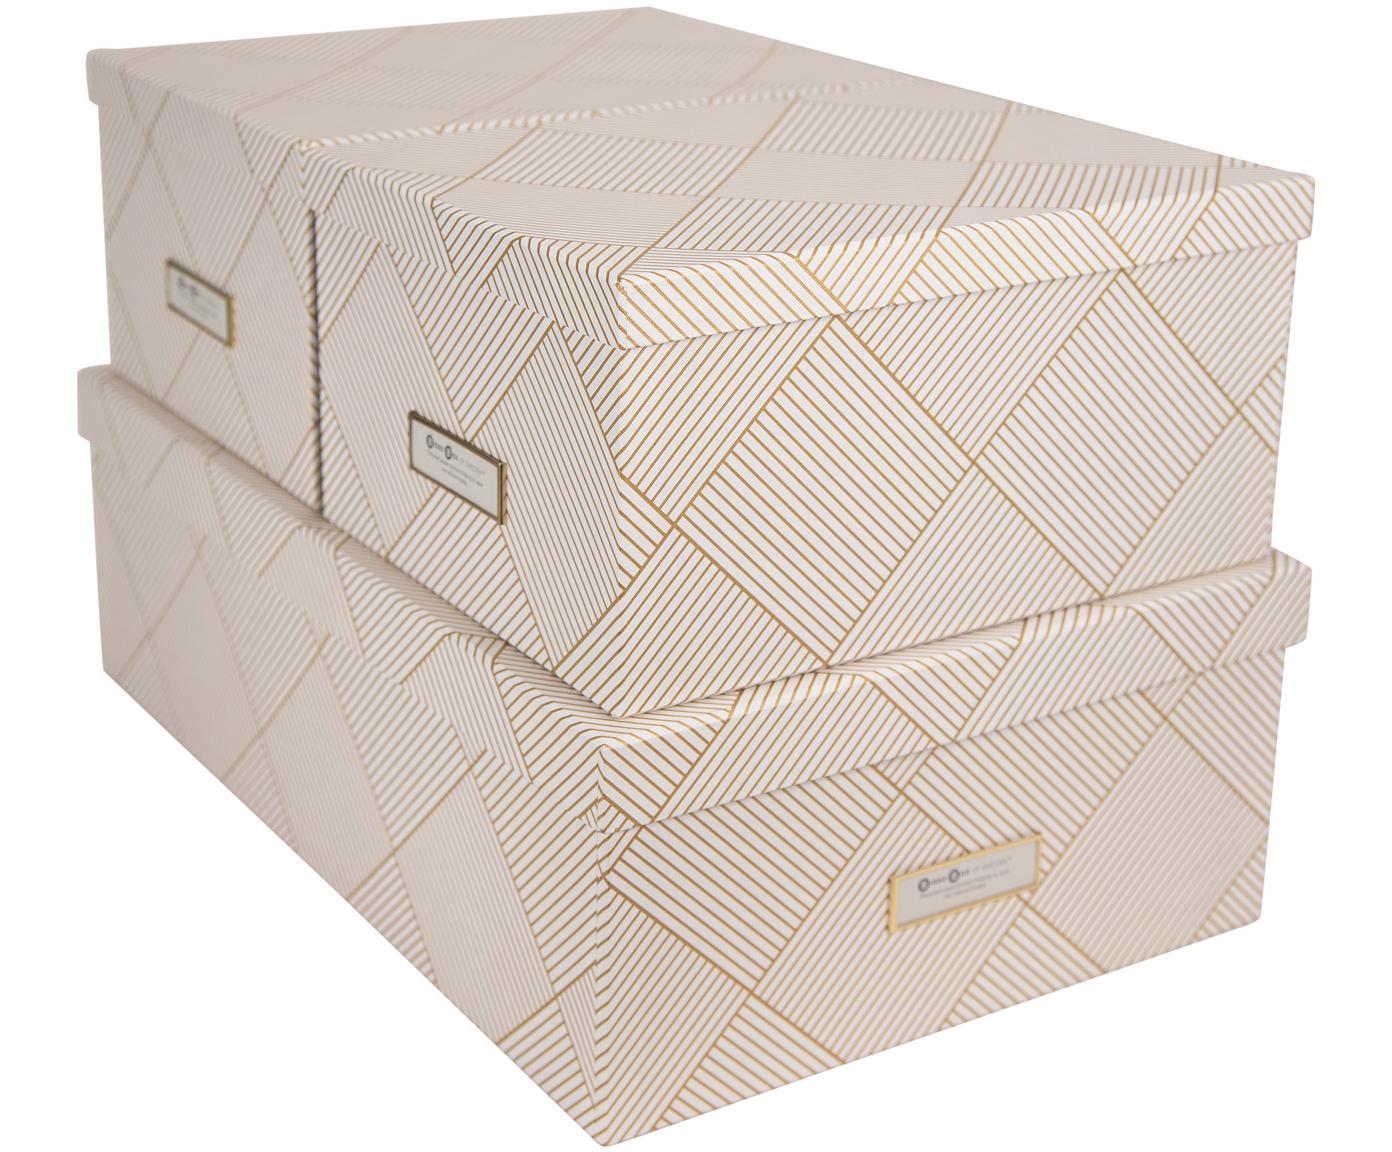 Set de cajas Inge, 3pzas., Caja: cartón laminado, Dorado, blanco, Tamaños diferentes